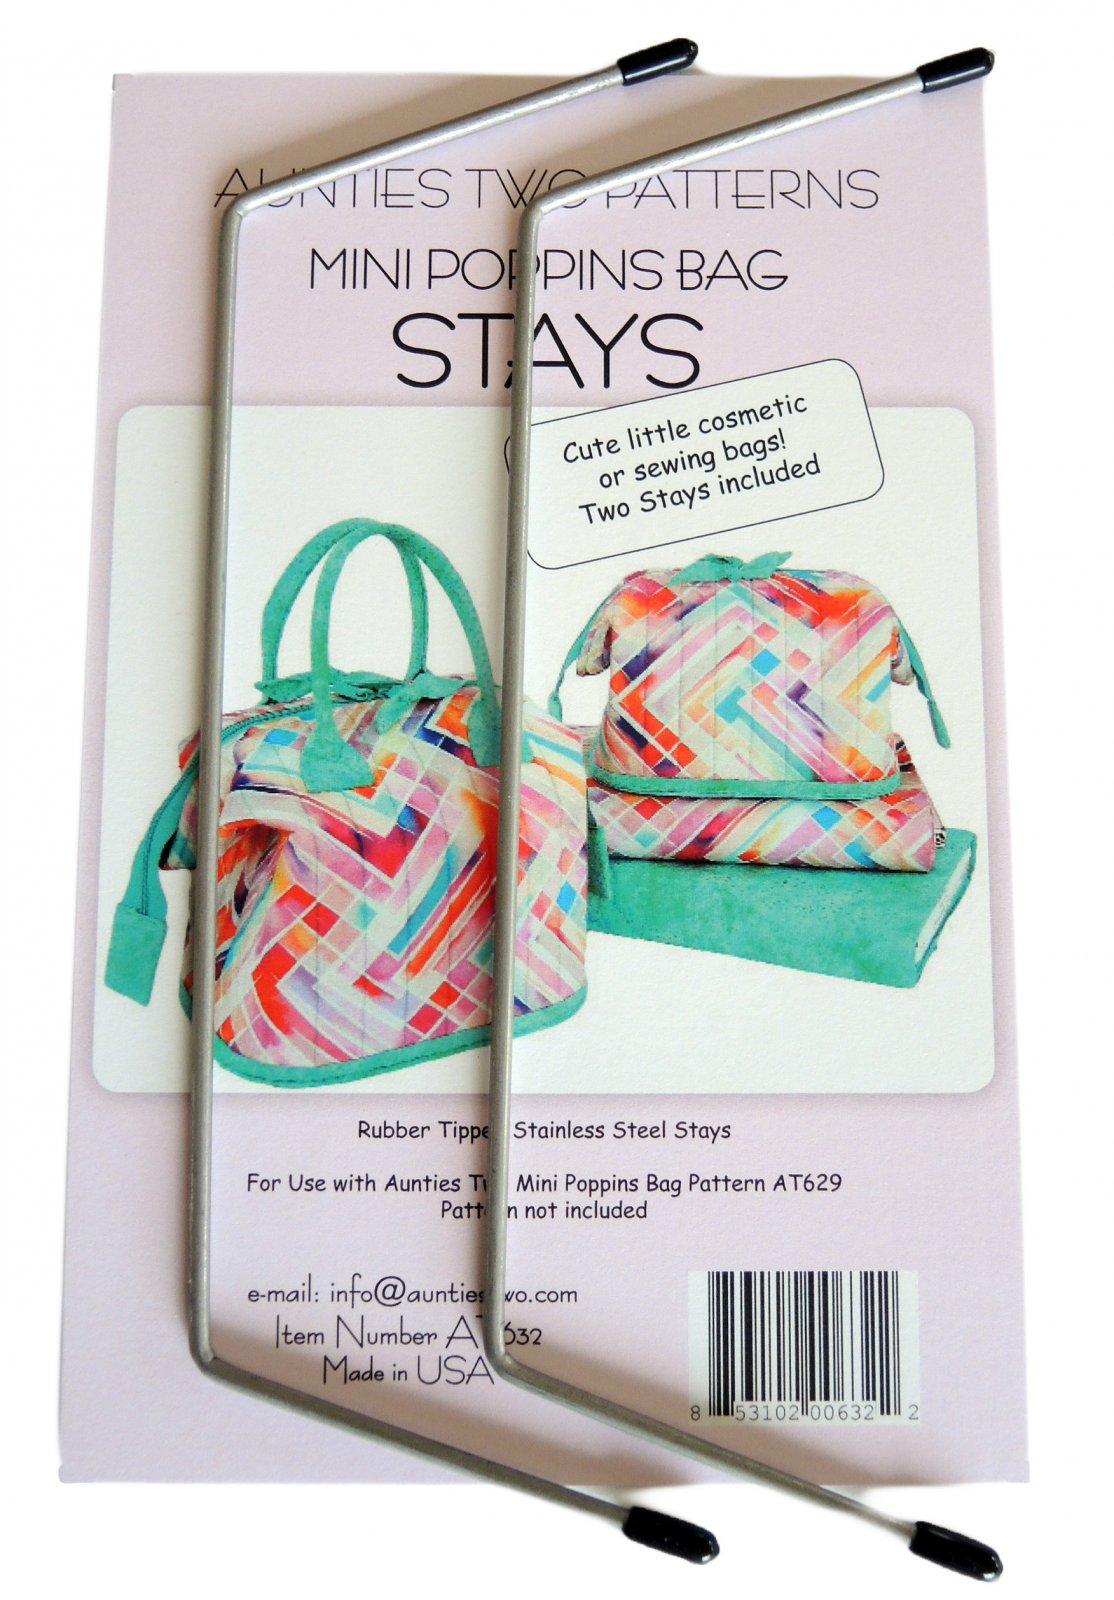 Mini Poppins Bag Stays